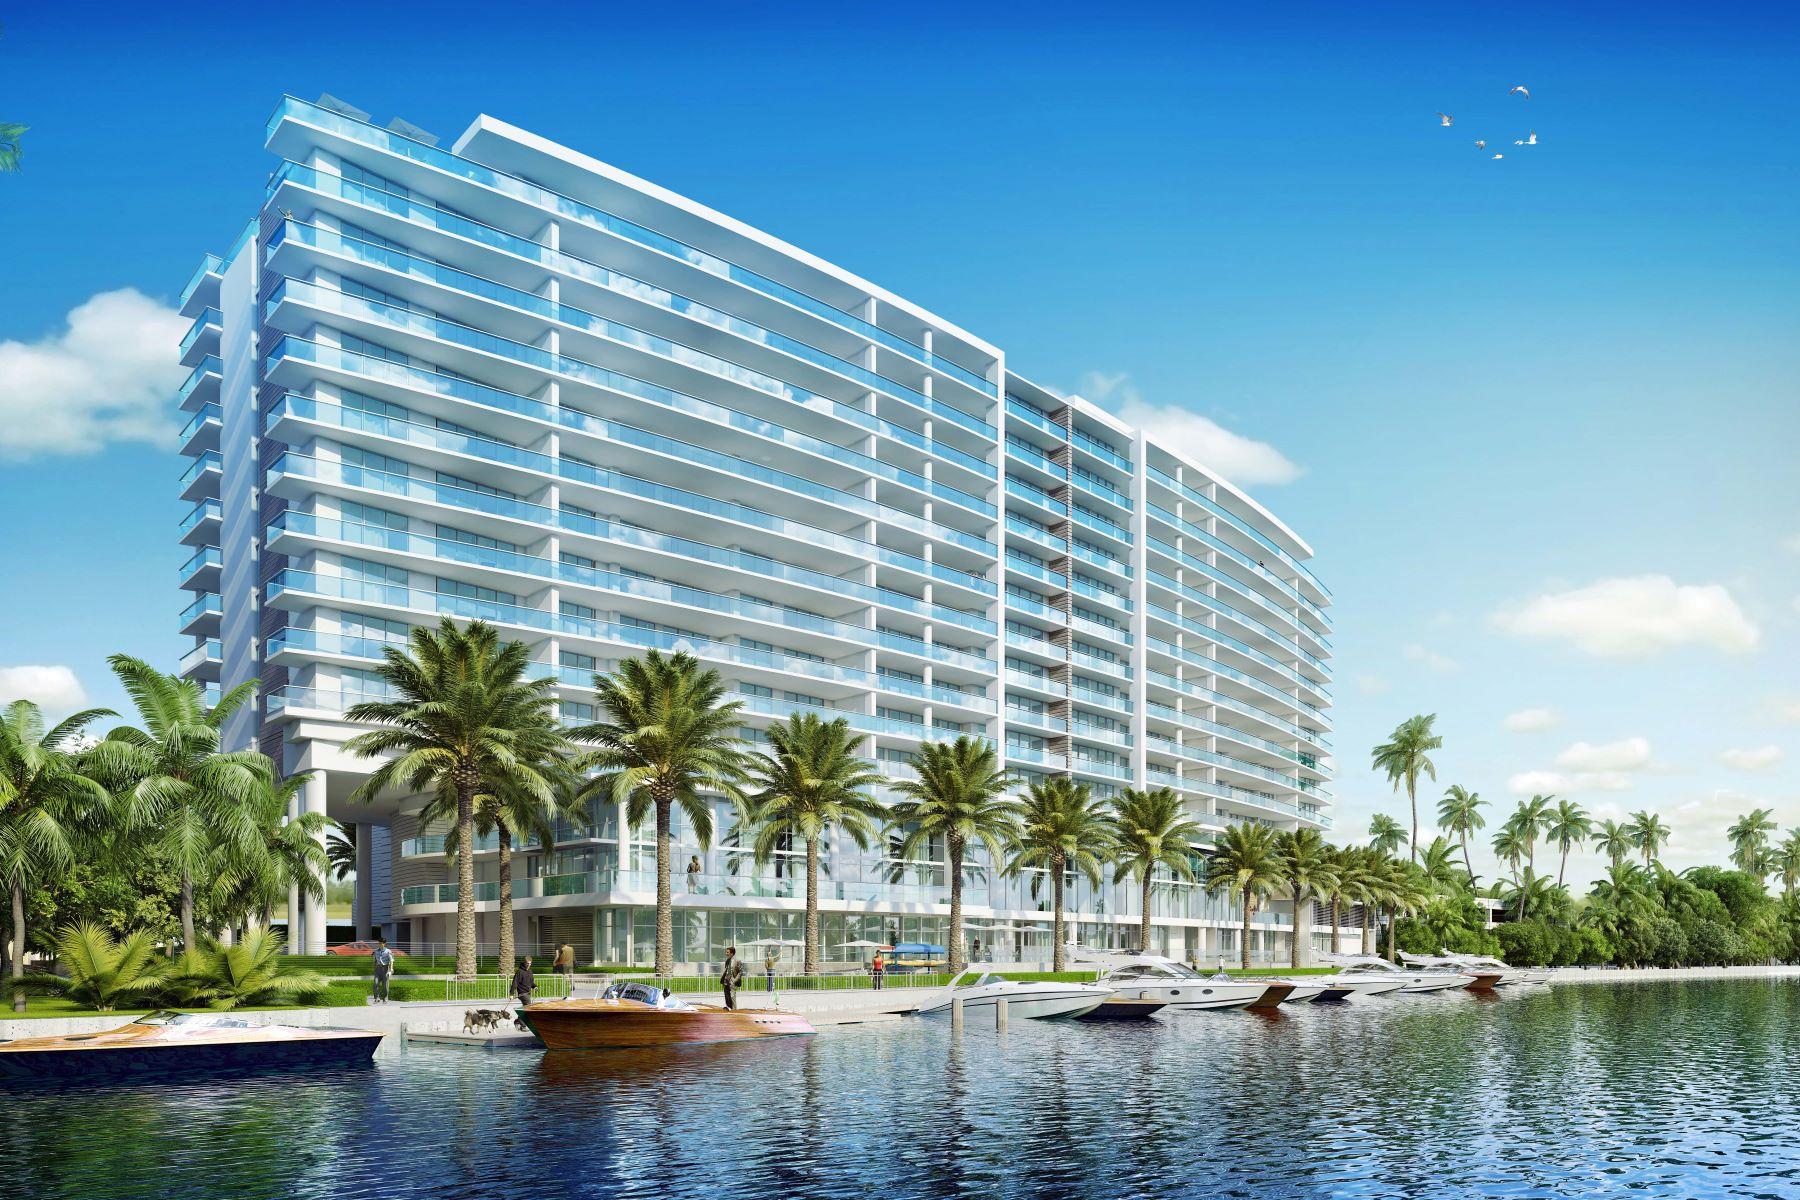 Apartamento por un Venta en 1180 N Federal Hwy #1205 1180 N Federal Hwy 1205 Fort Lauderdale, Florida, 33304 Estados Unidos